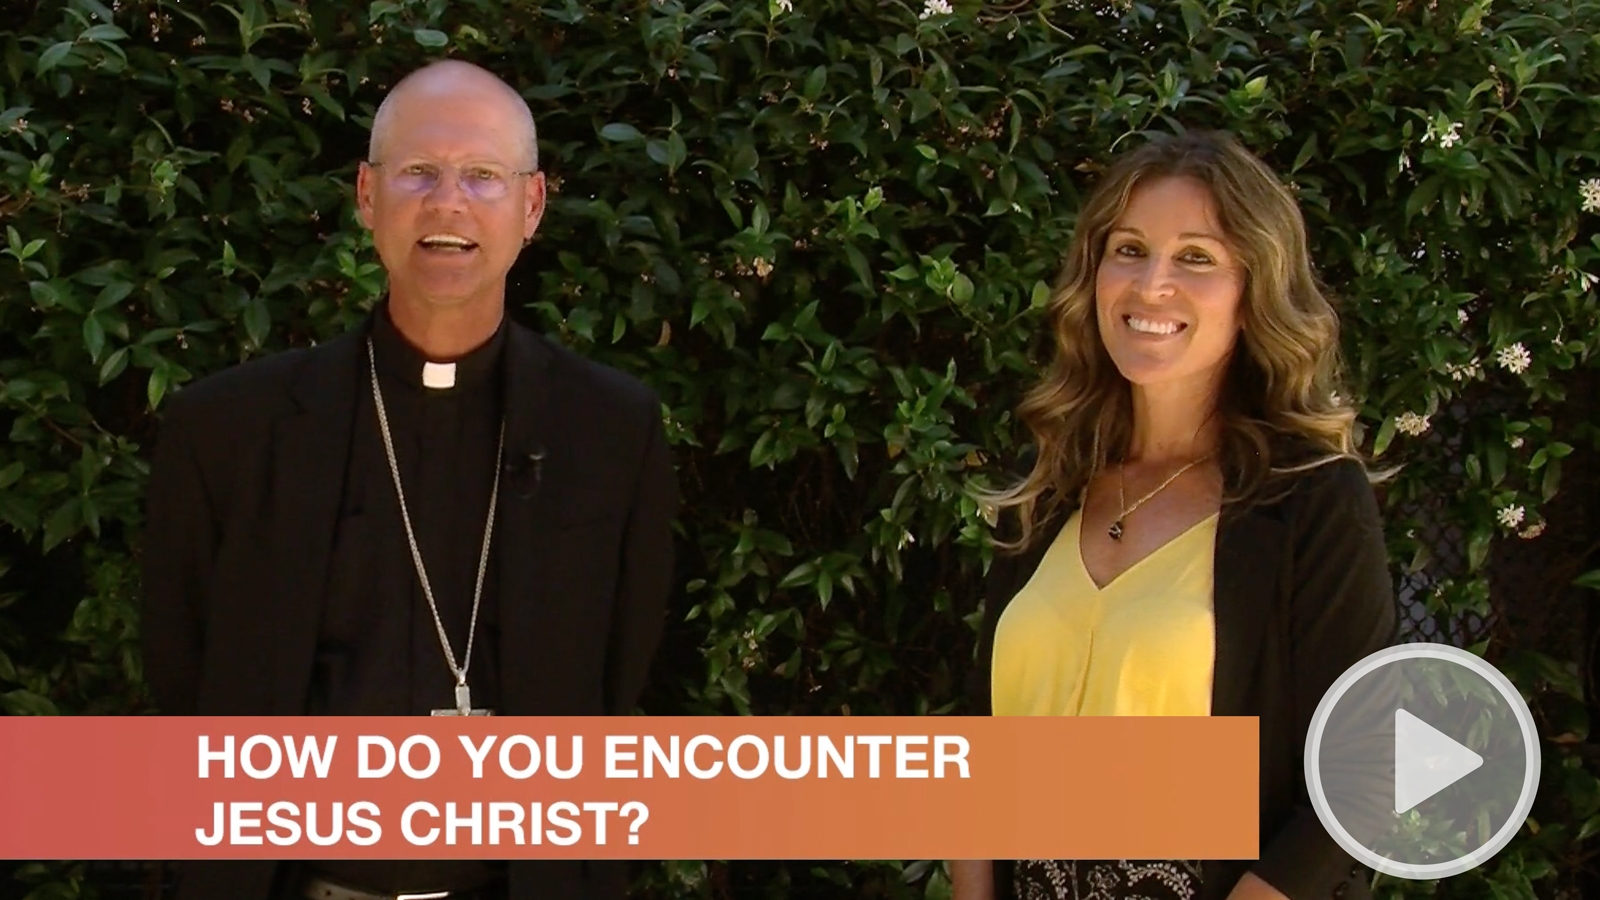 How-do-you-Encounter-Jesus-Christ-video